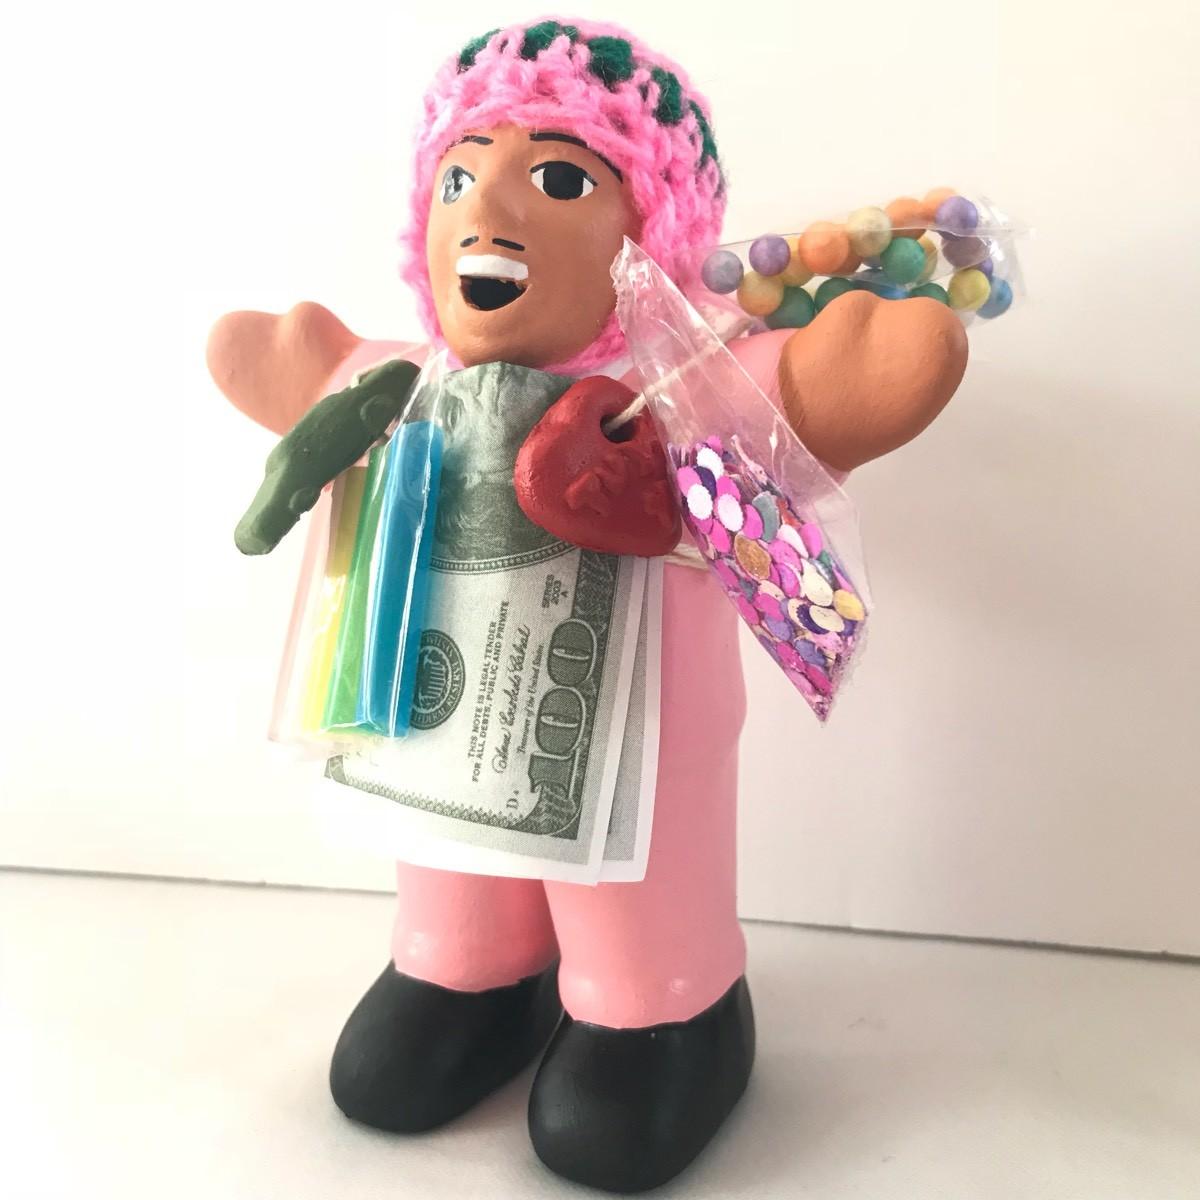 画像2: 【限定】ペルー産!エケコ(エケッコー)人形  中Mサイズ(約15センチ)ピンク